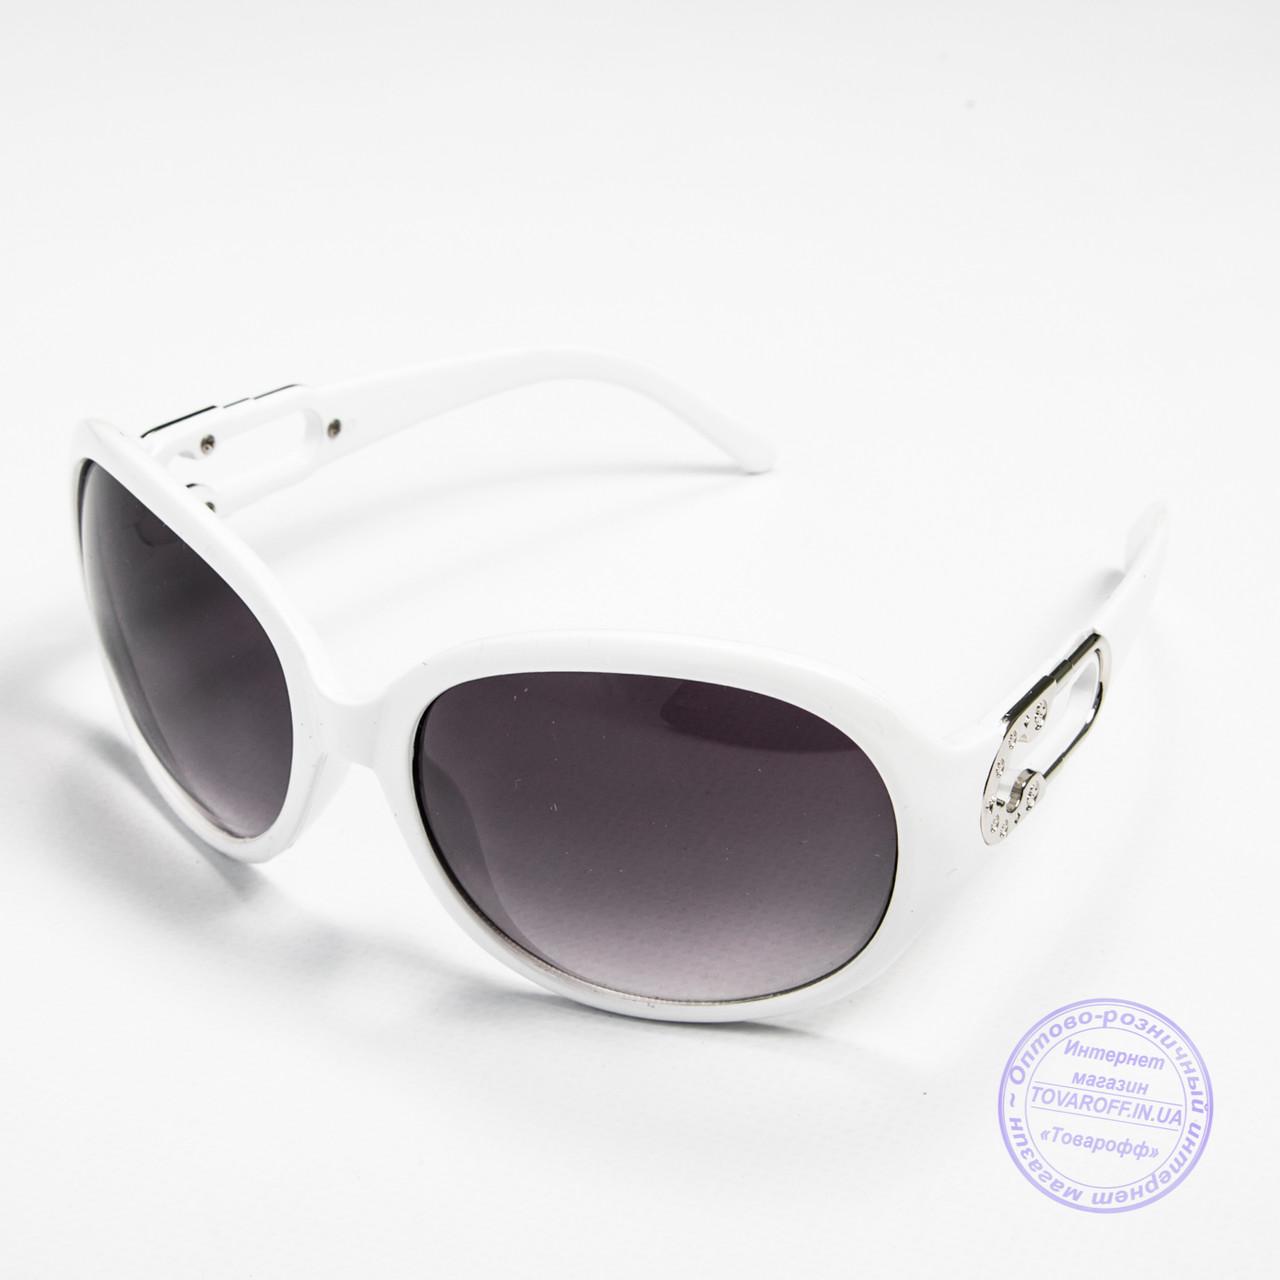 Дешевые солнцезащитные очки оптом - Белые - X-76 - Интернет магазин  Товарофф в Хмельницком 7094c6f9b090b